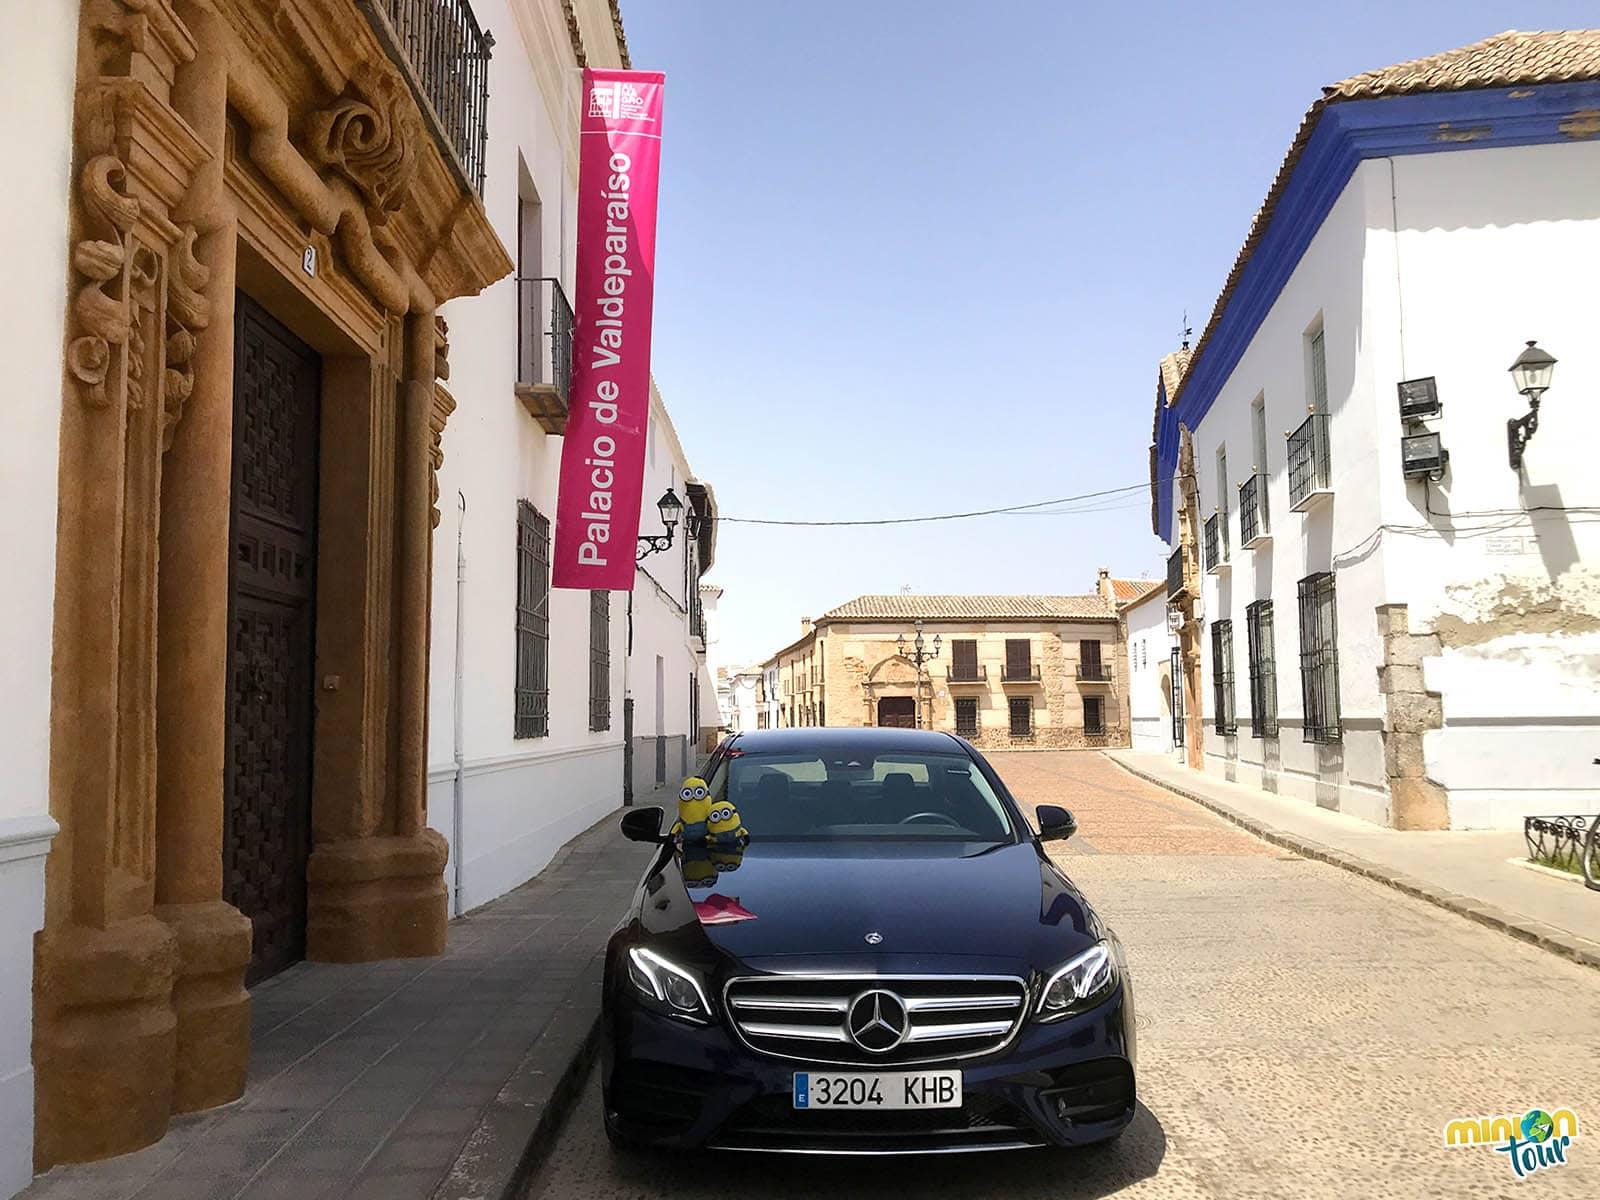 Teatro de sus Mercedes: una experiencia única en el Festival de Teatro Clásico de Almagro